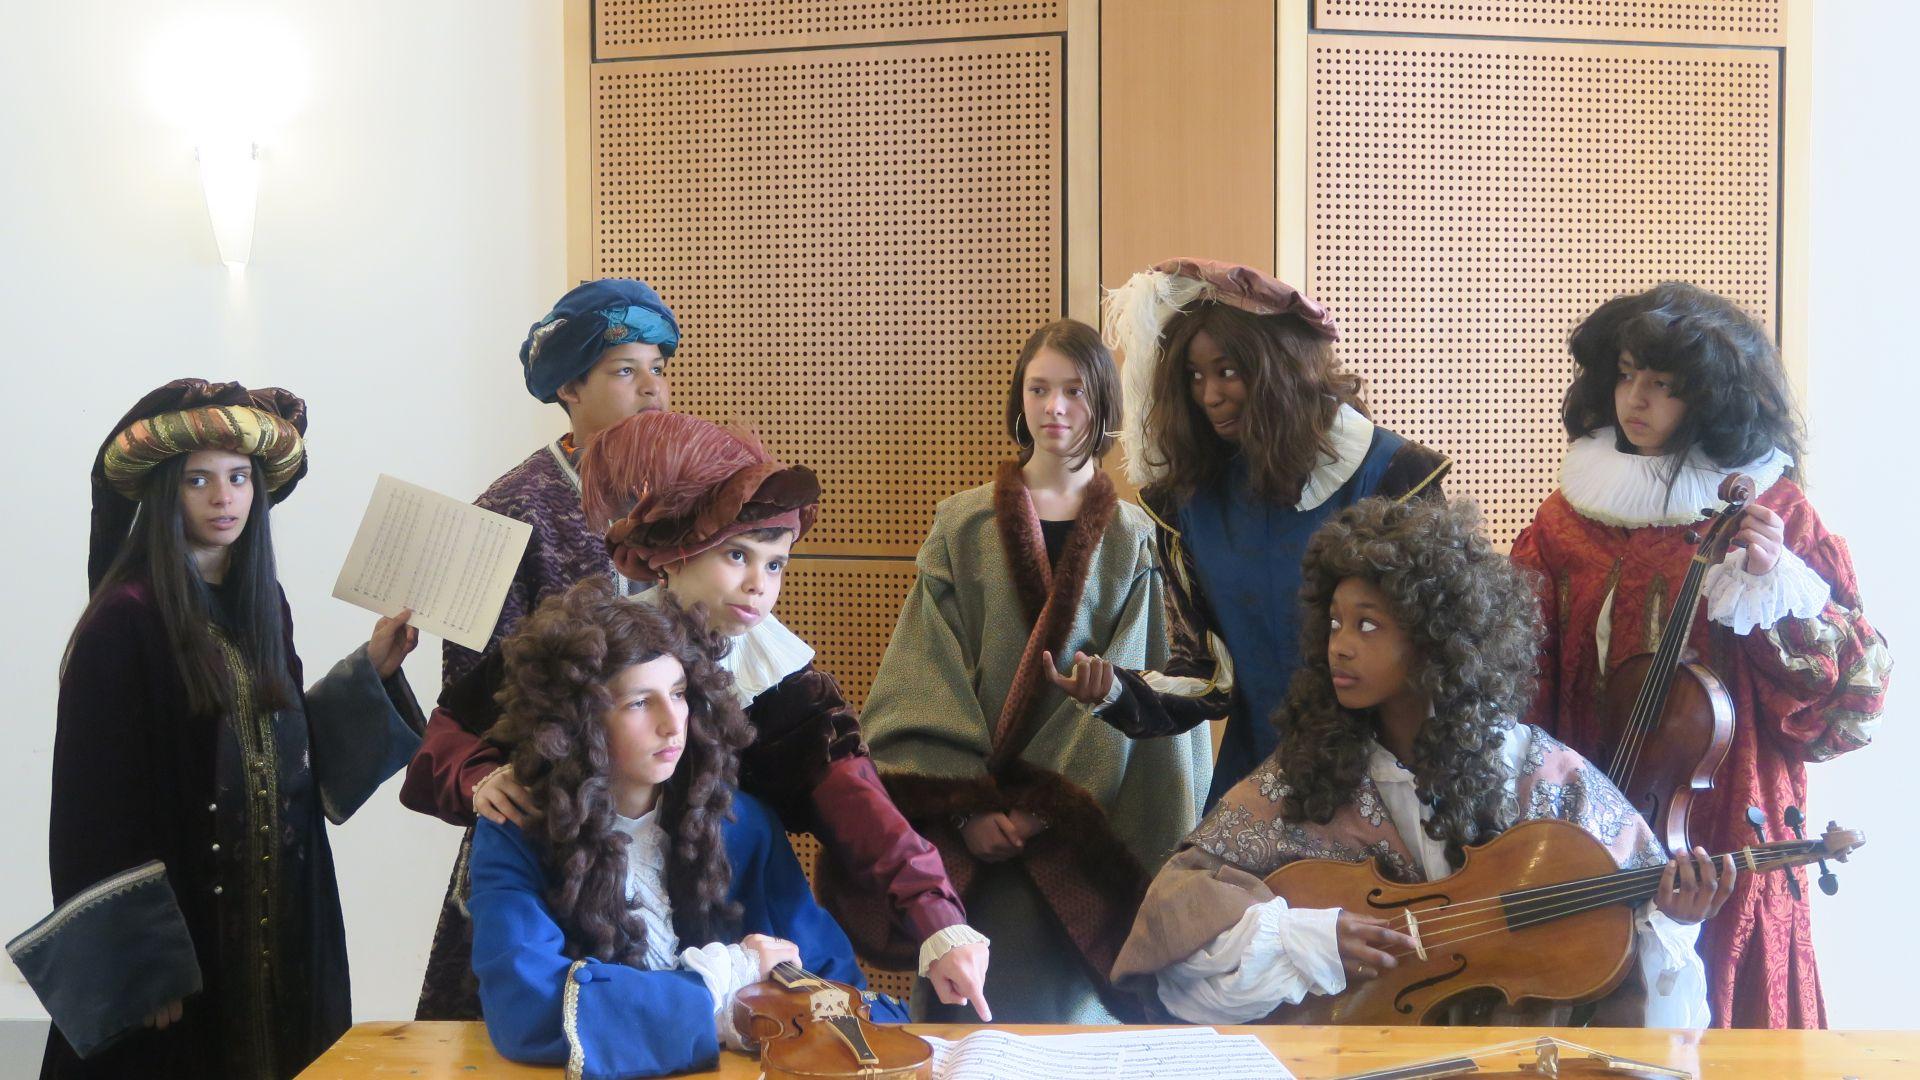 Atelier costumes au CMBV avec des étudiants, animé par Jean-Paul Bouron, février 2019